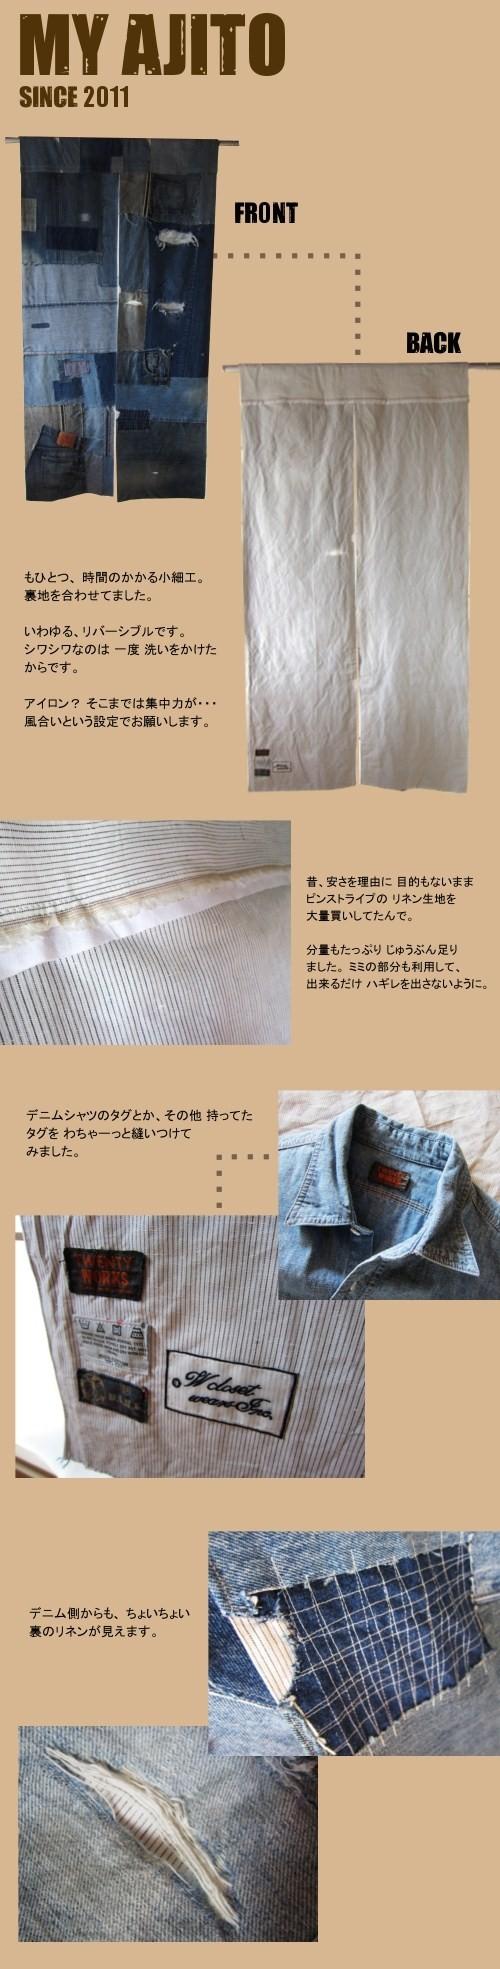 my_nore_4.jpg